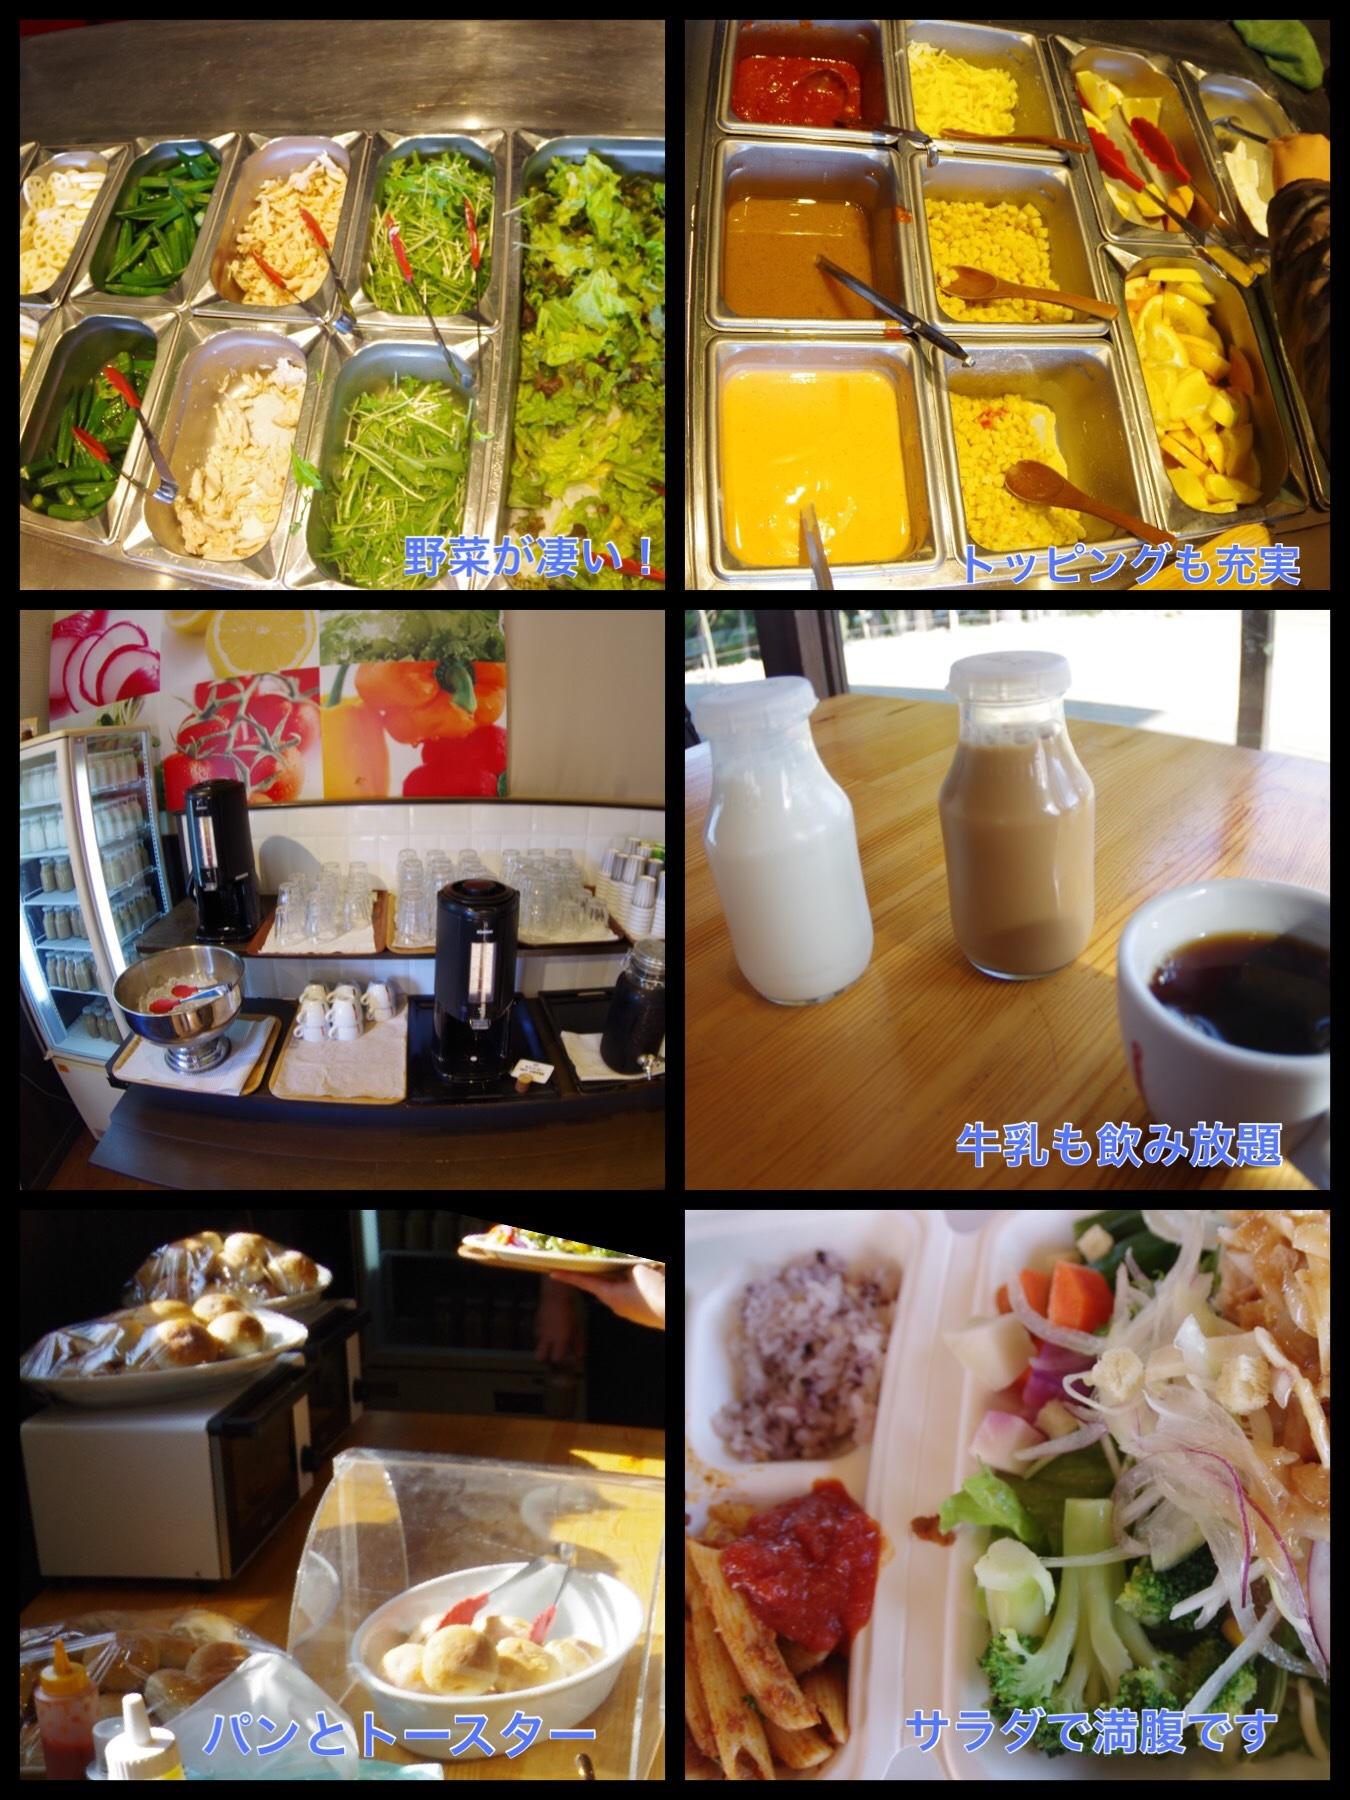 千葉 ザファーム グランピング 宿泊記 ザファームカフェ朝食